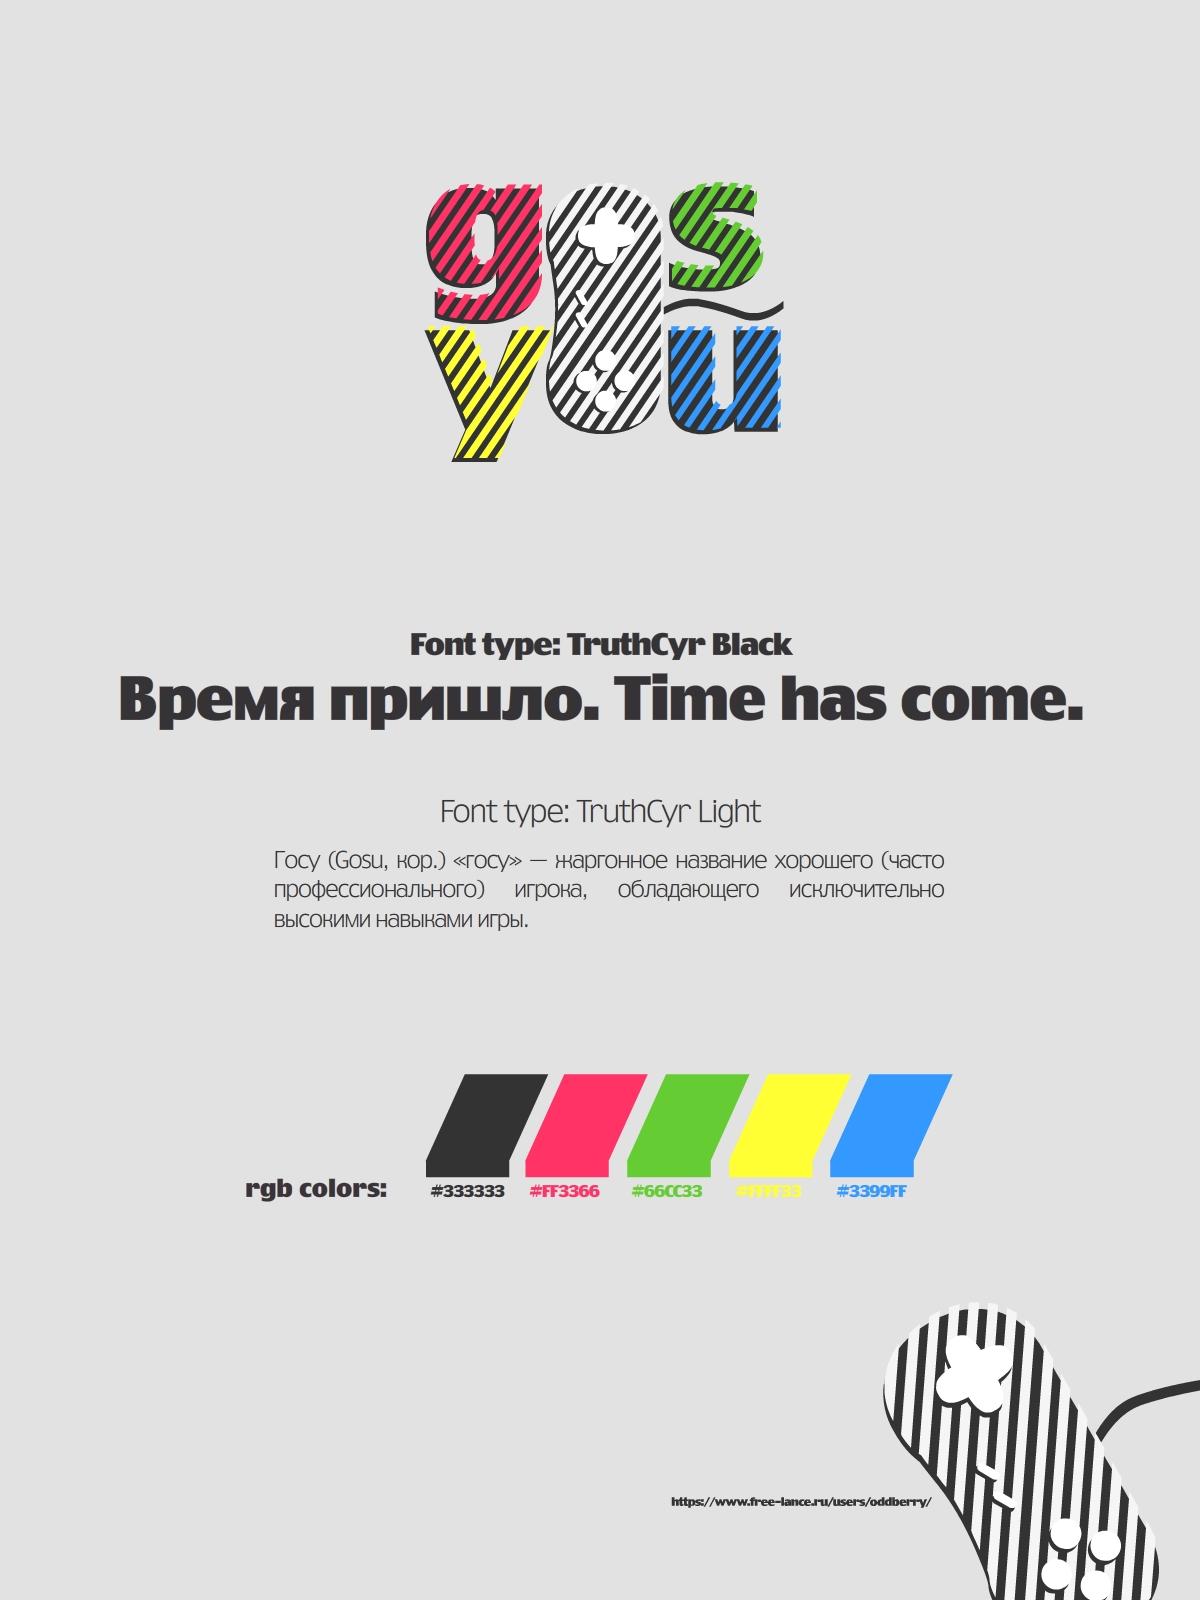 Логотип, фир. стиль и иконку для социальной сети GosYou фото f_507c1202563de.jpg